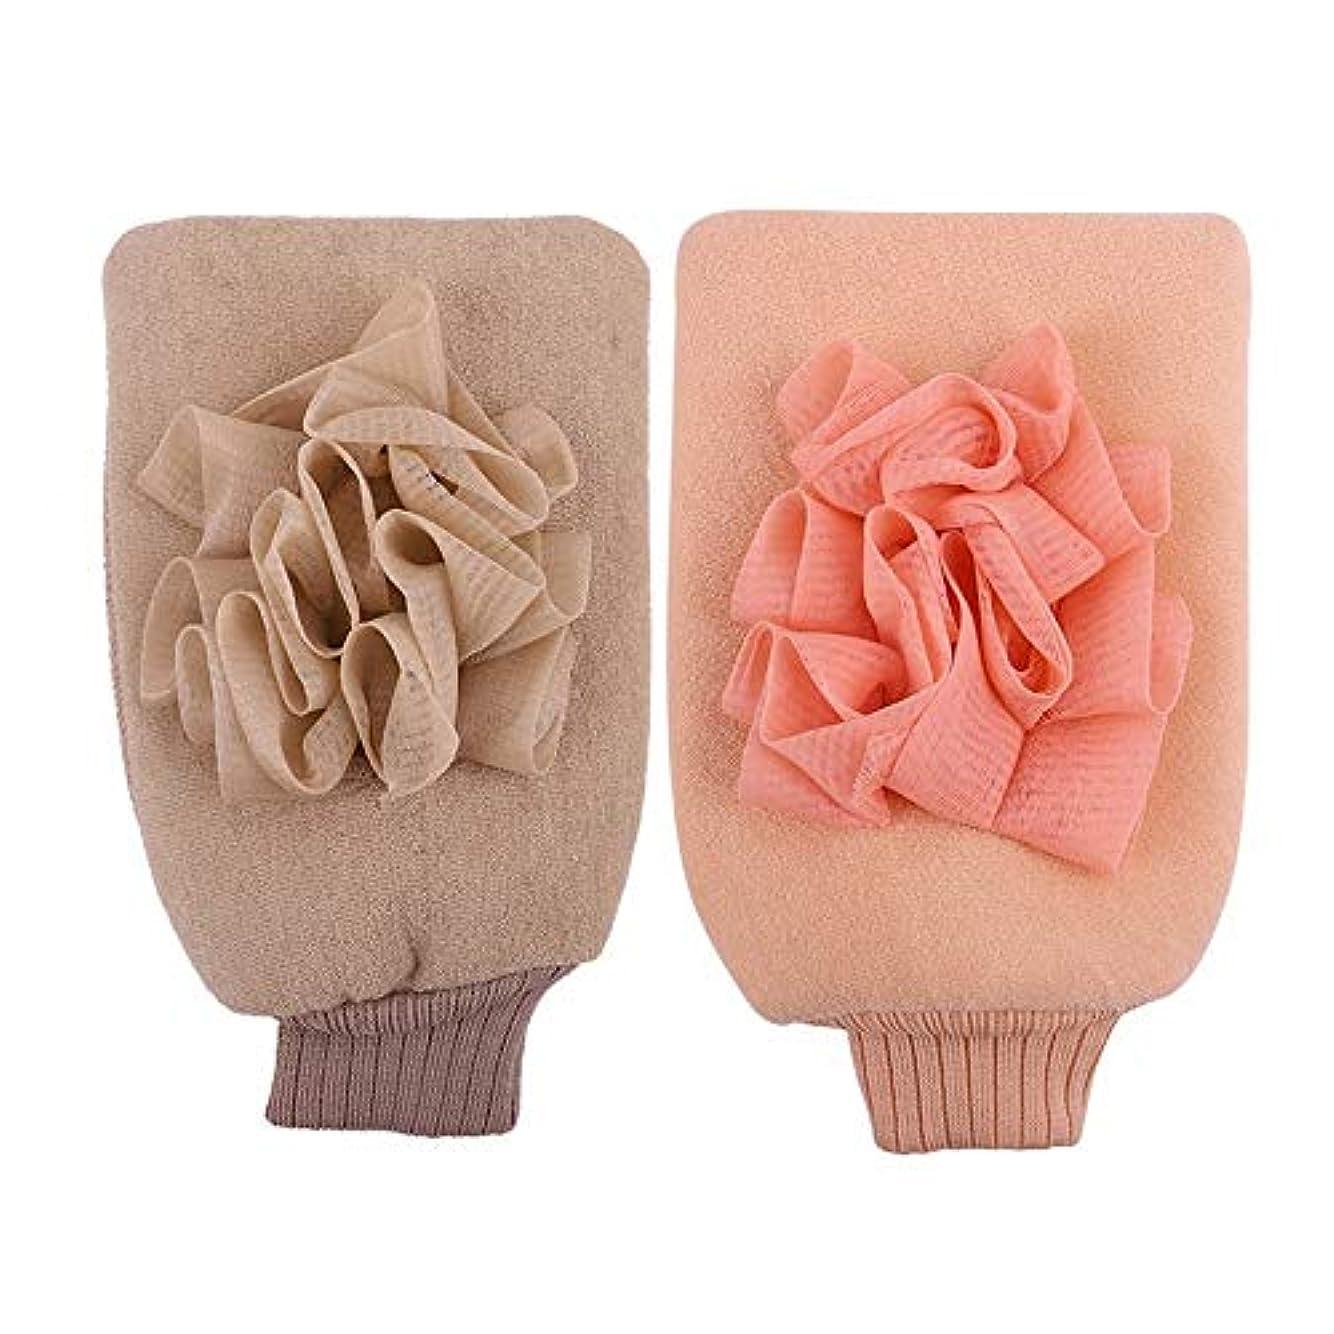 希望に満ちたエージェント起業家BTXXYJP お風呂用手袋 シャワー手袋 あかすり手袋 ボディブラシ やわらか ボディタオル バス用品 男女兼用 角質除去 (Color : Pink+beige)